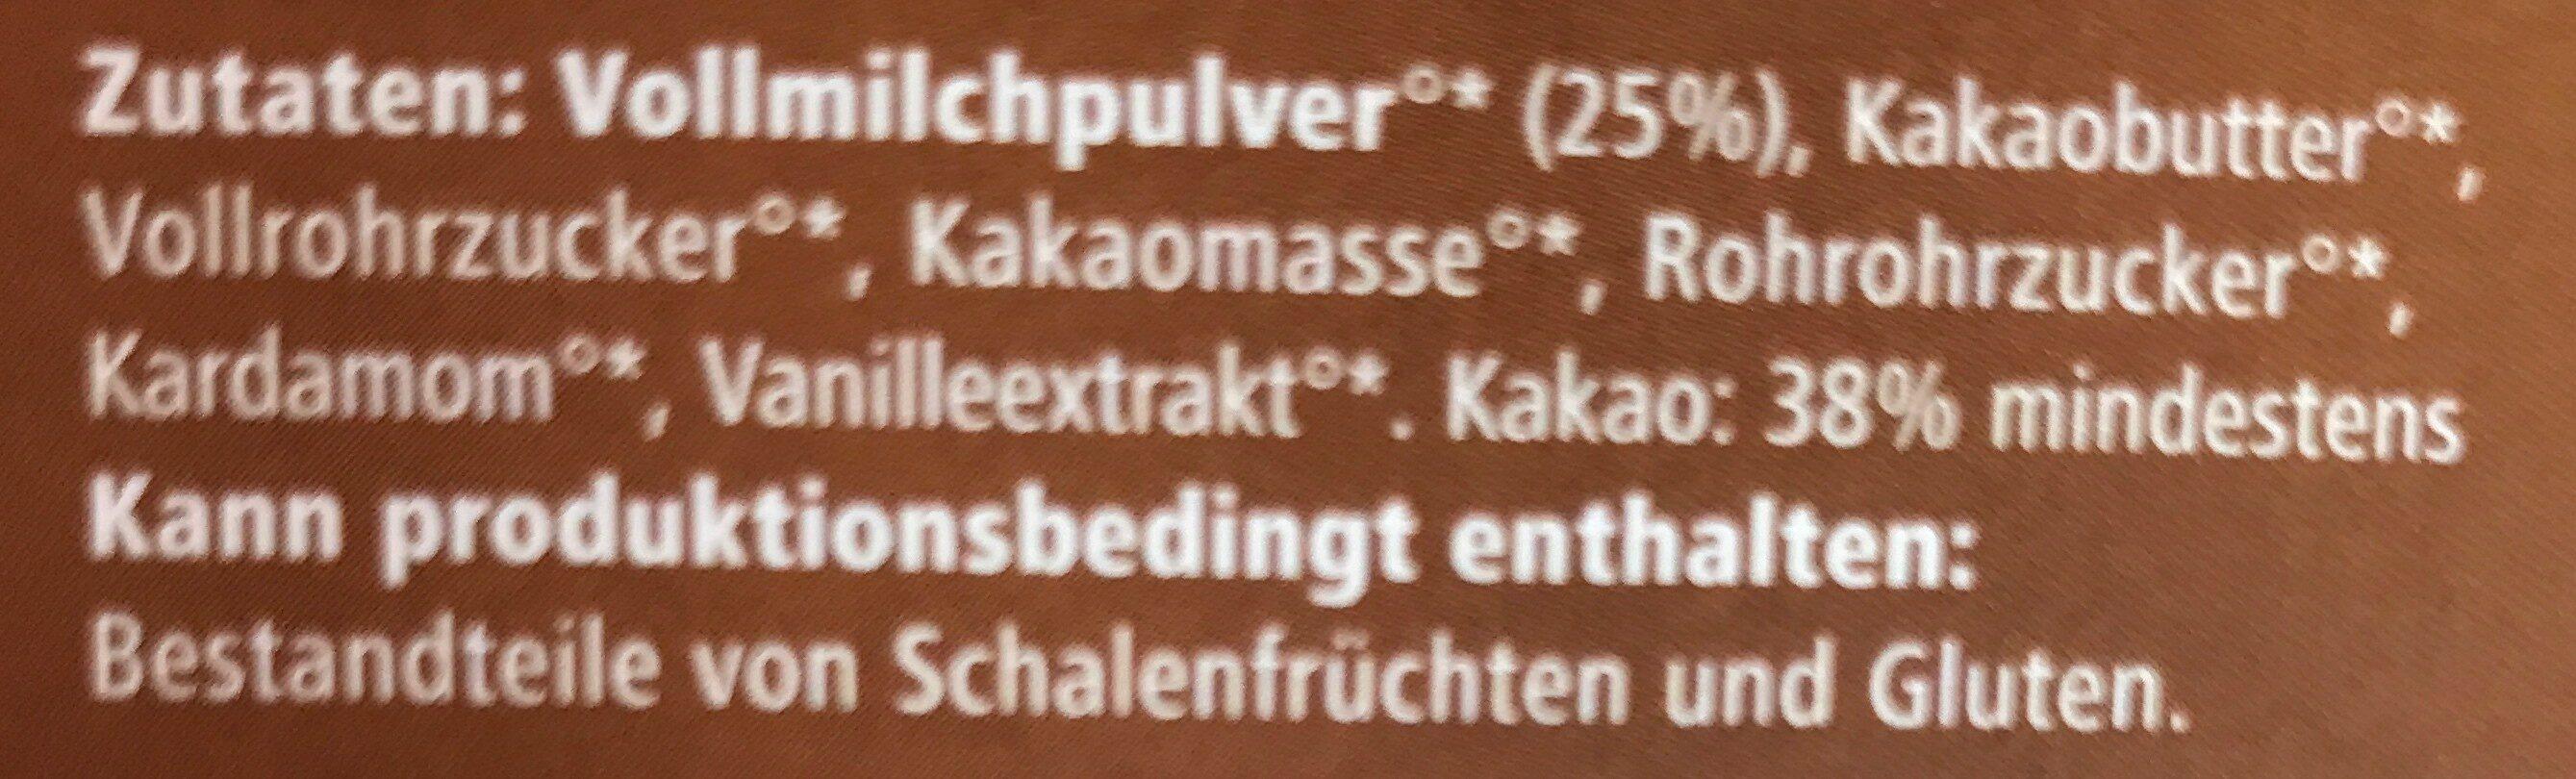 Grand chocolat cardamon - Ingredients